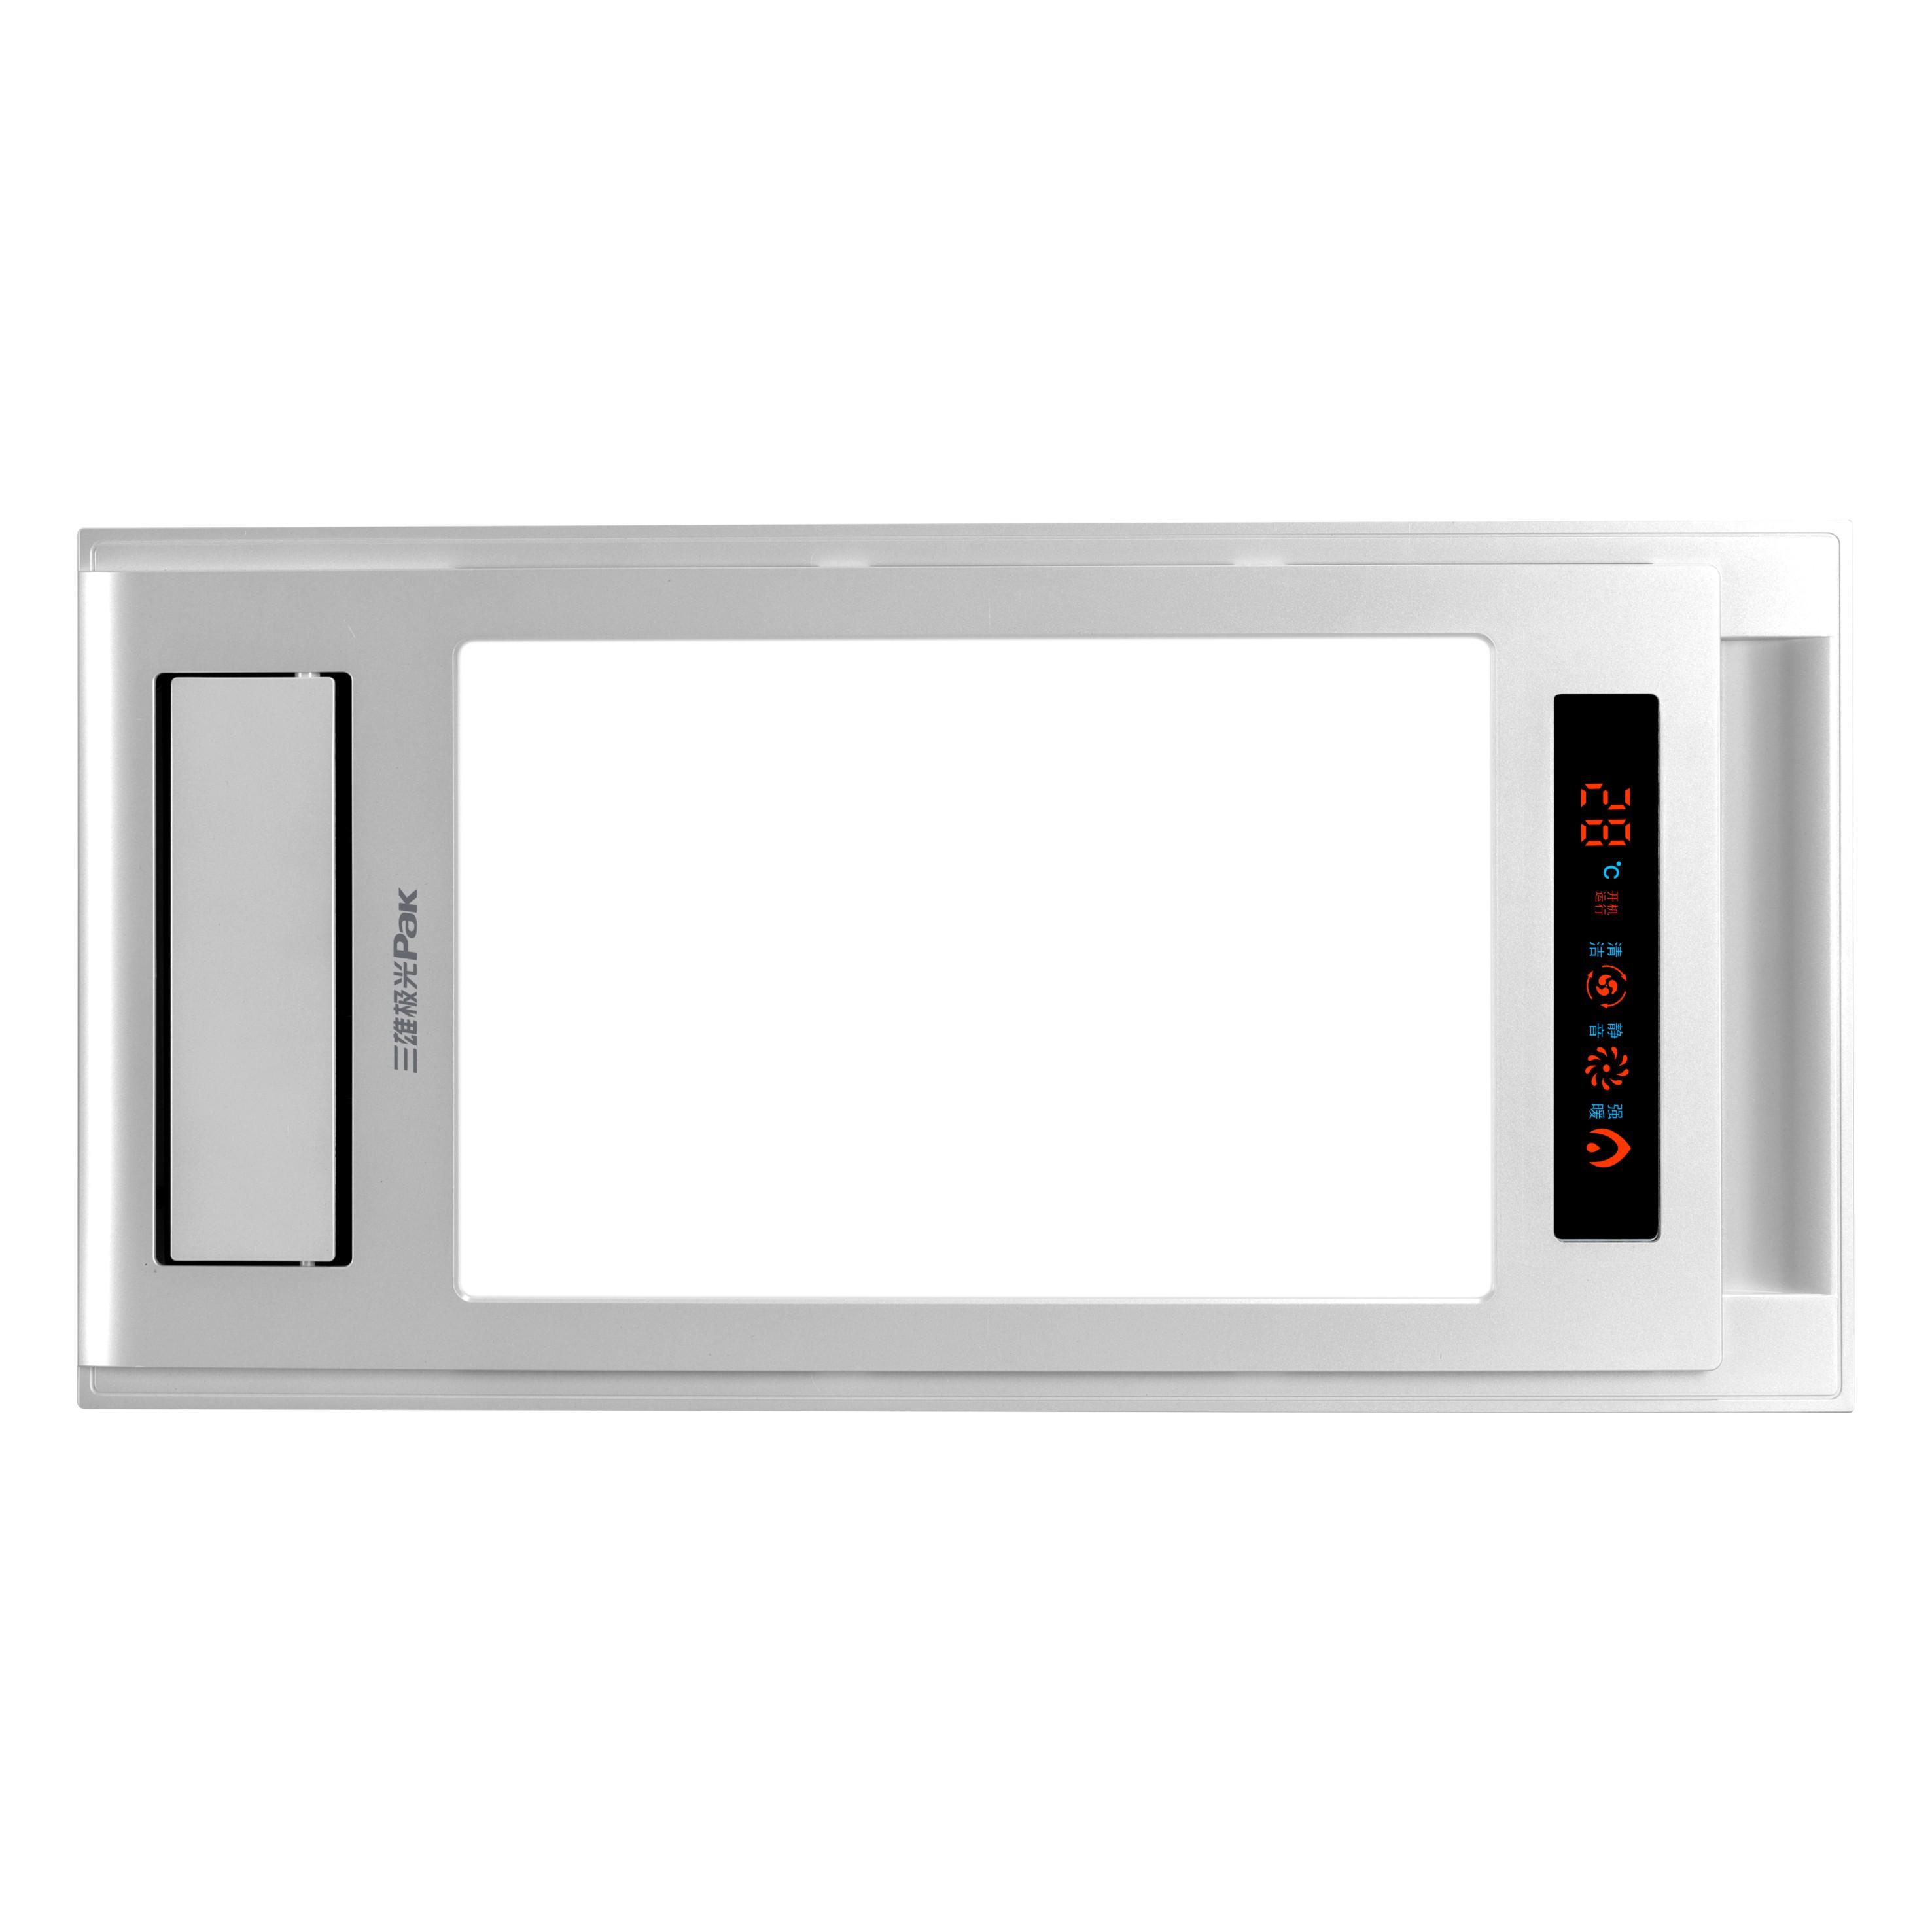 鳳凰臻品系列 無線遙控風暖五合一 3060